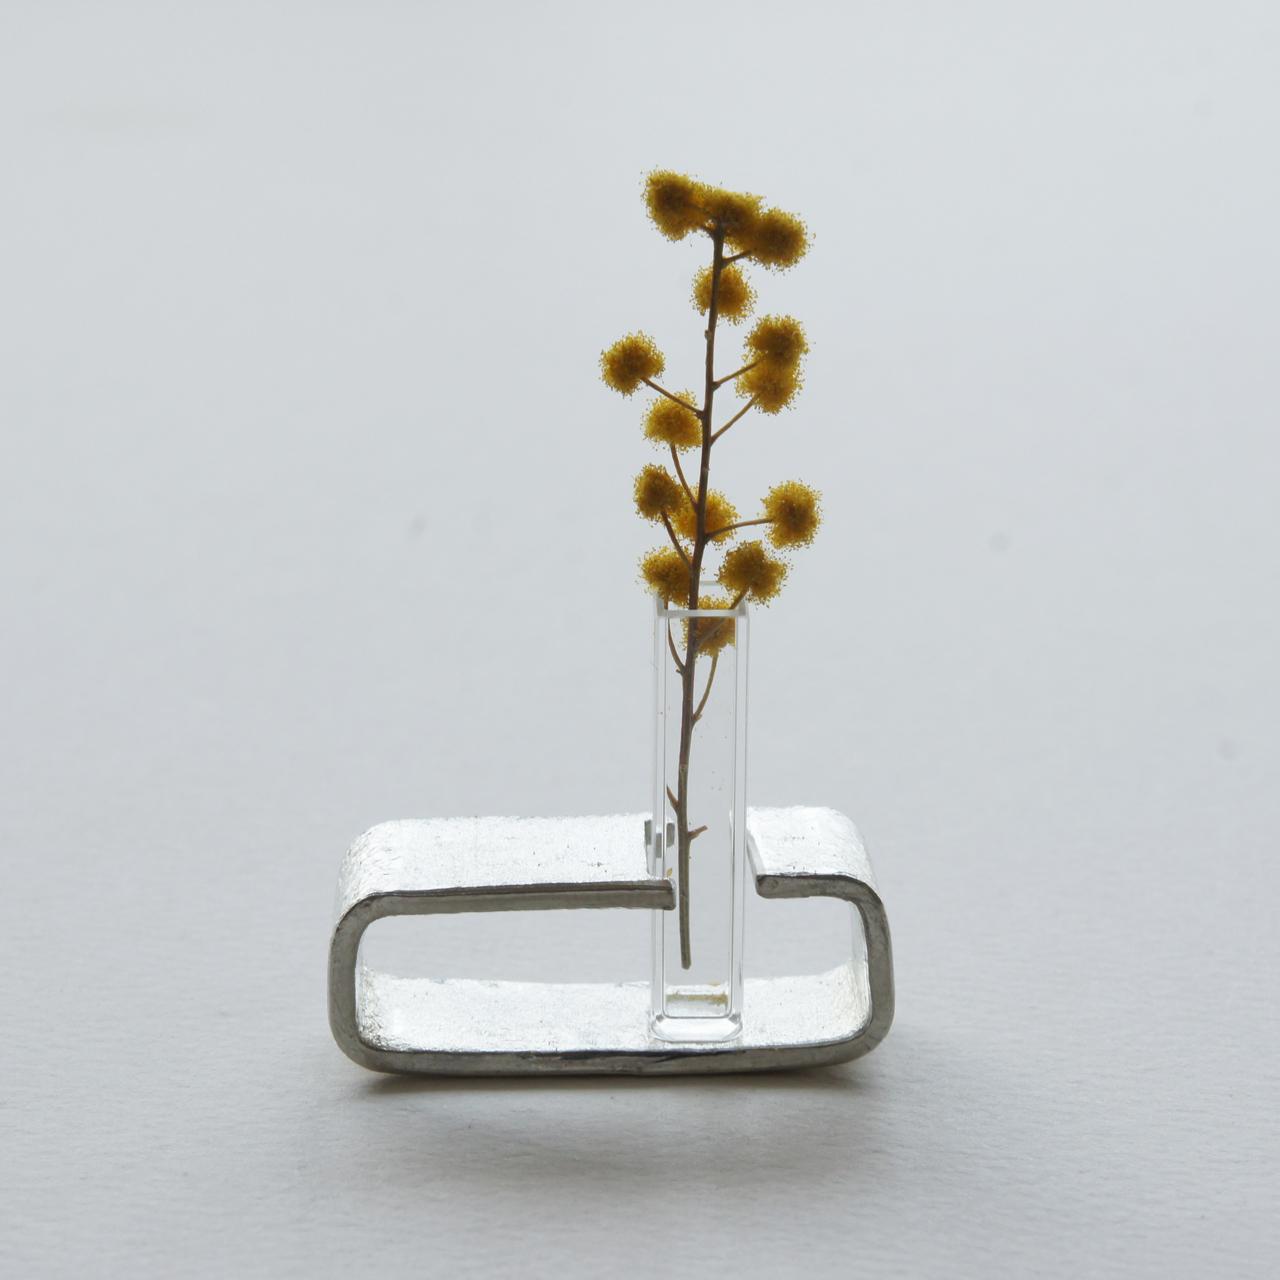 小さなガラス管と錫のしかく花器tnv3【期間限定レターパックライト送料無料】